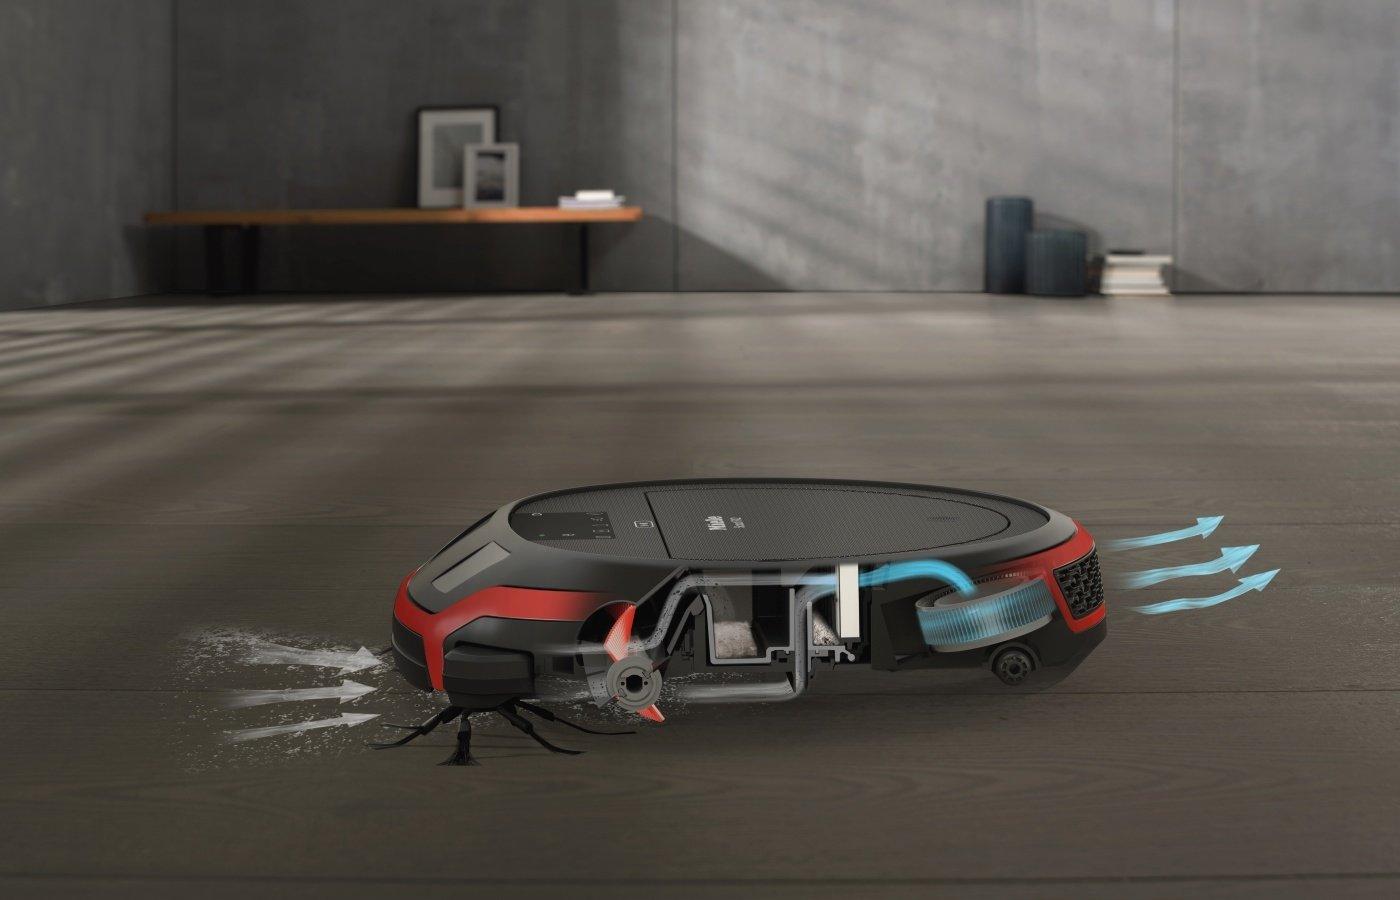 Miele Scout RX2 Saugroboter (4 Reinigungsmodi, Bedienung per App, Akkulaufzeit 60 min, präzise und lückenlose Navigation…